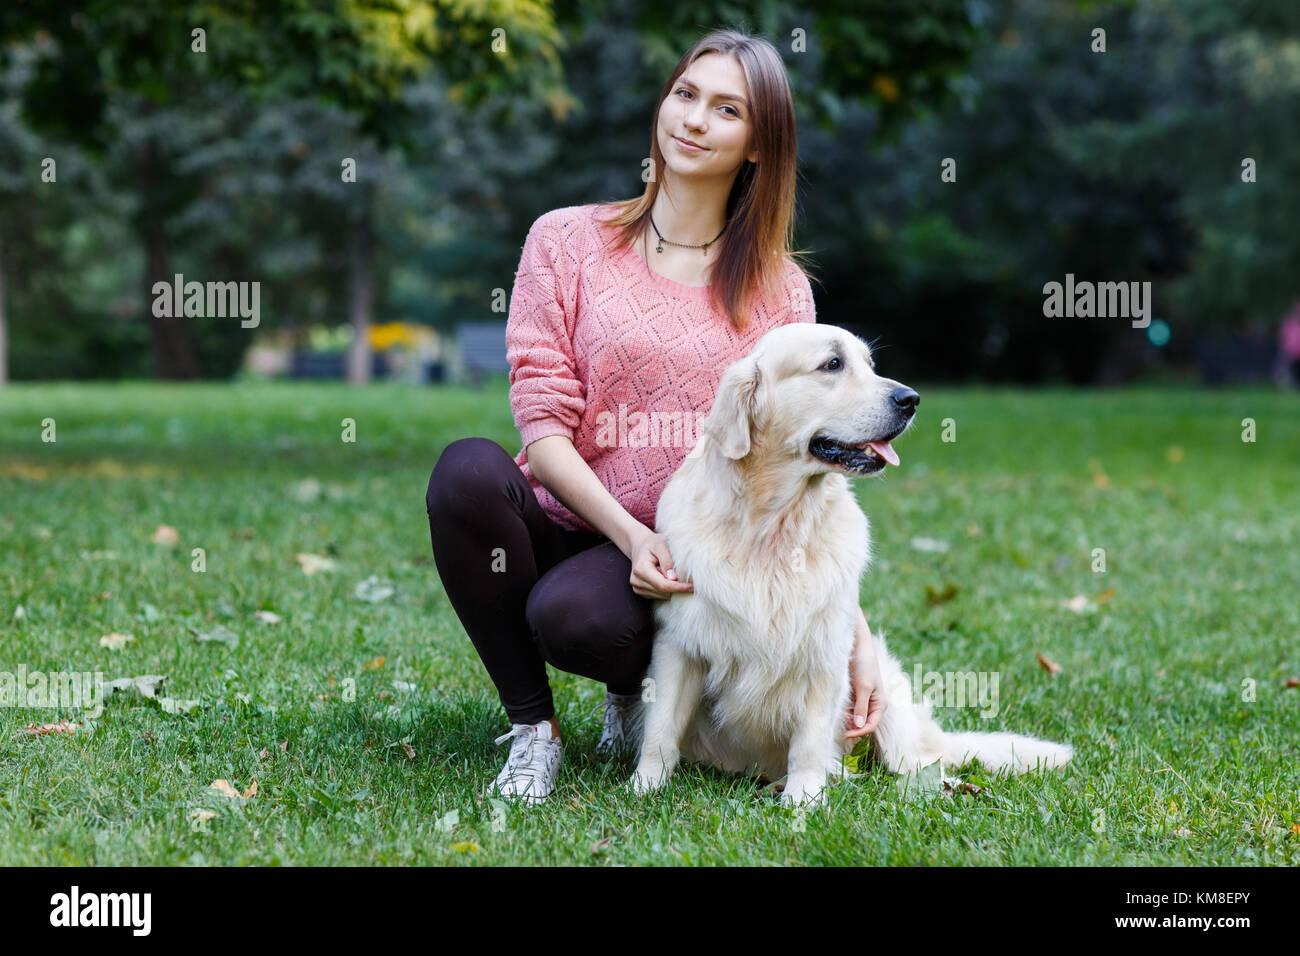 Foto von Mädchen umarmt Hund auf dem grünen Rasen Stockbild